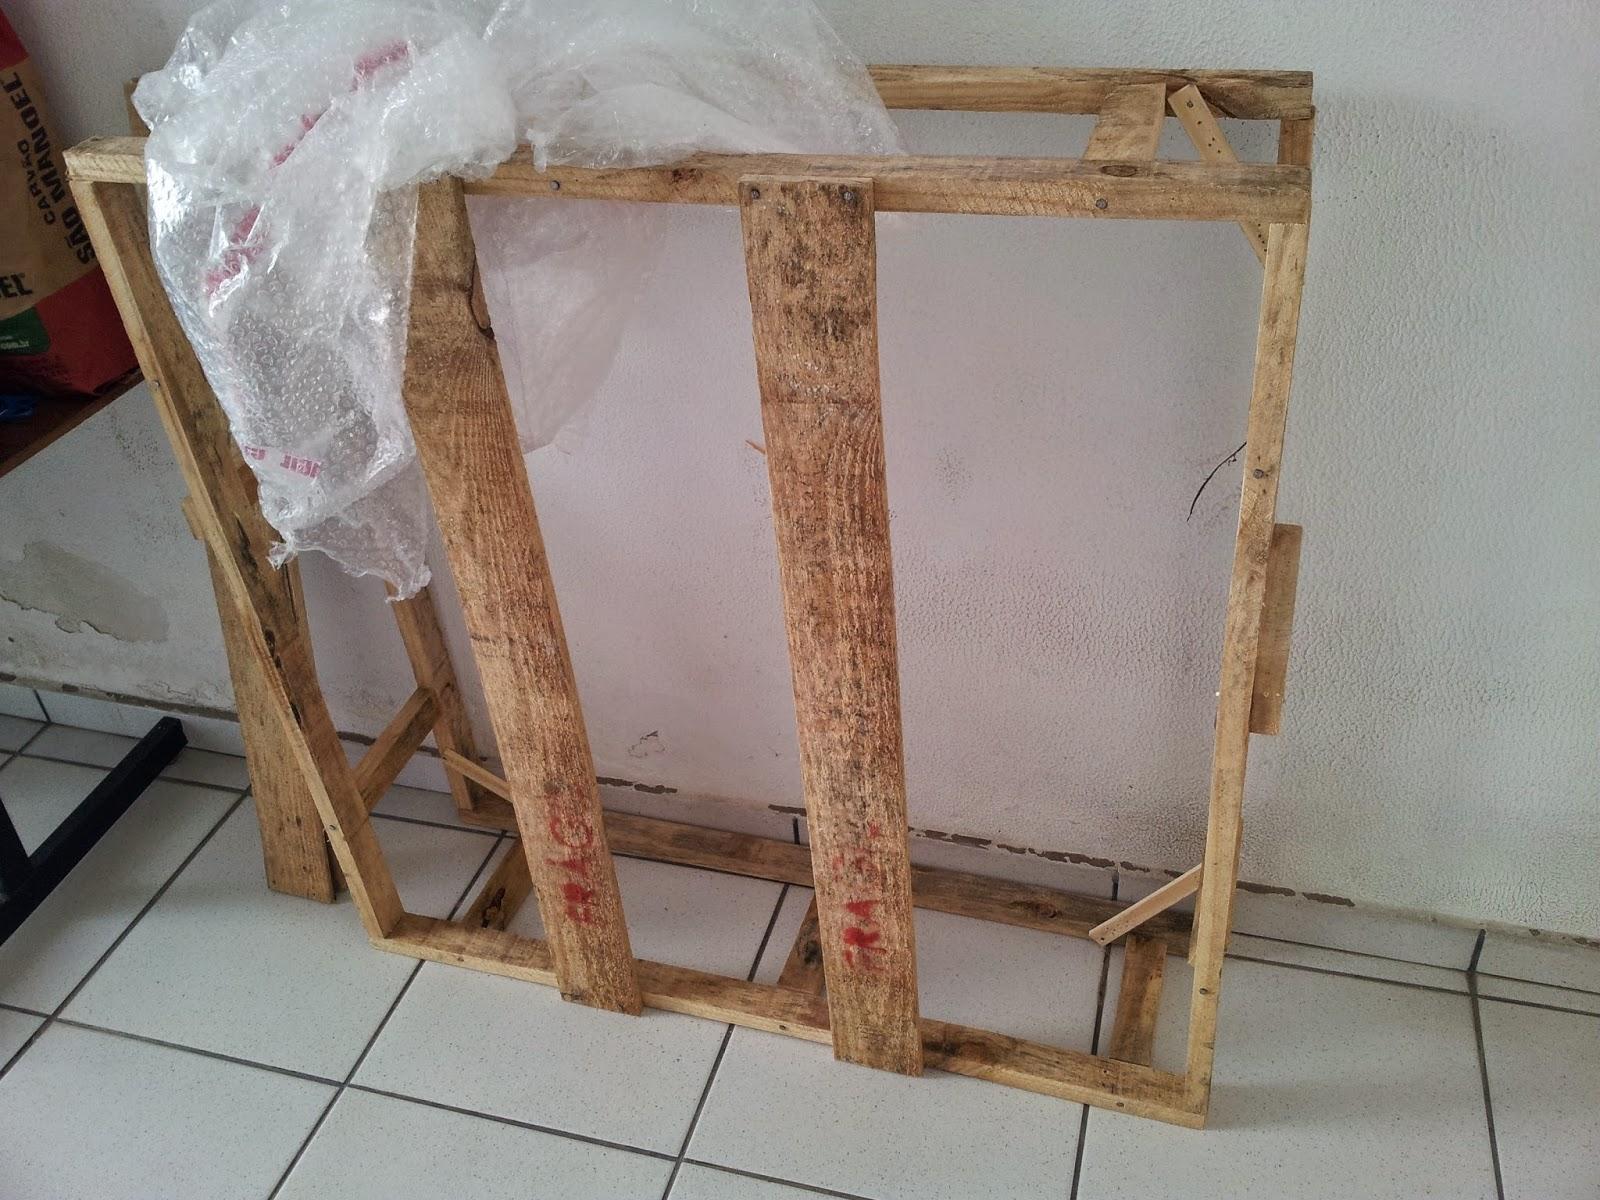 Oficina do Quintal: Como fazer banco de madeira com encosto #694935 1600x1200